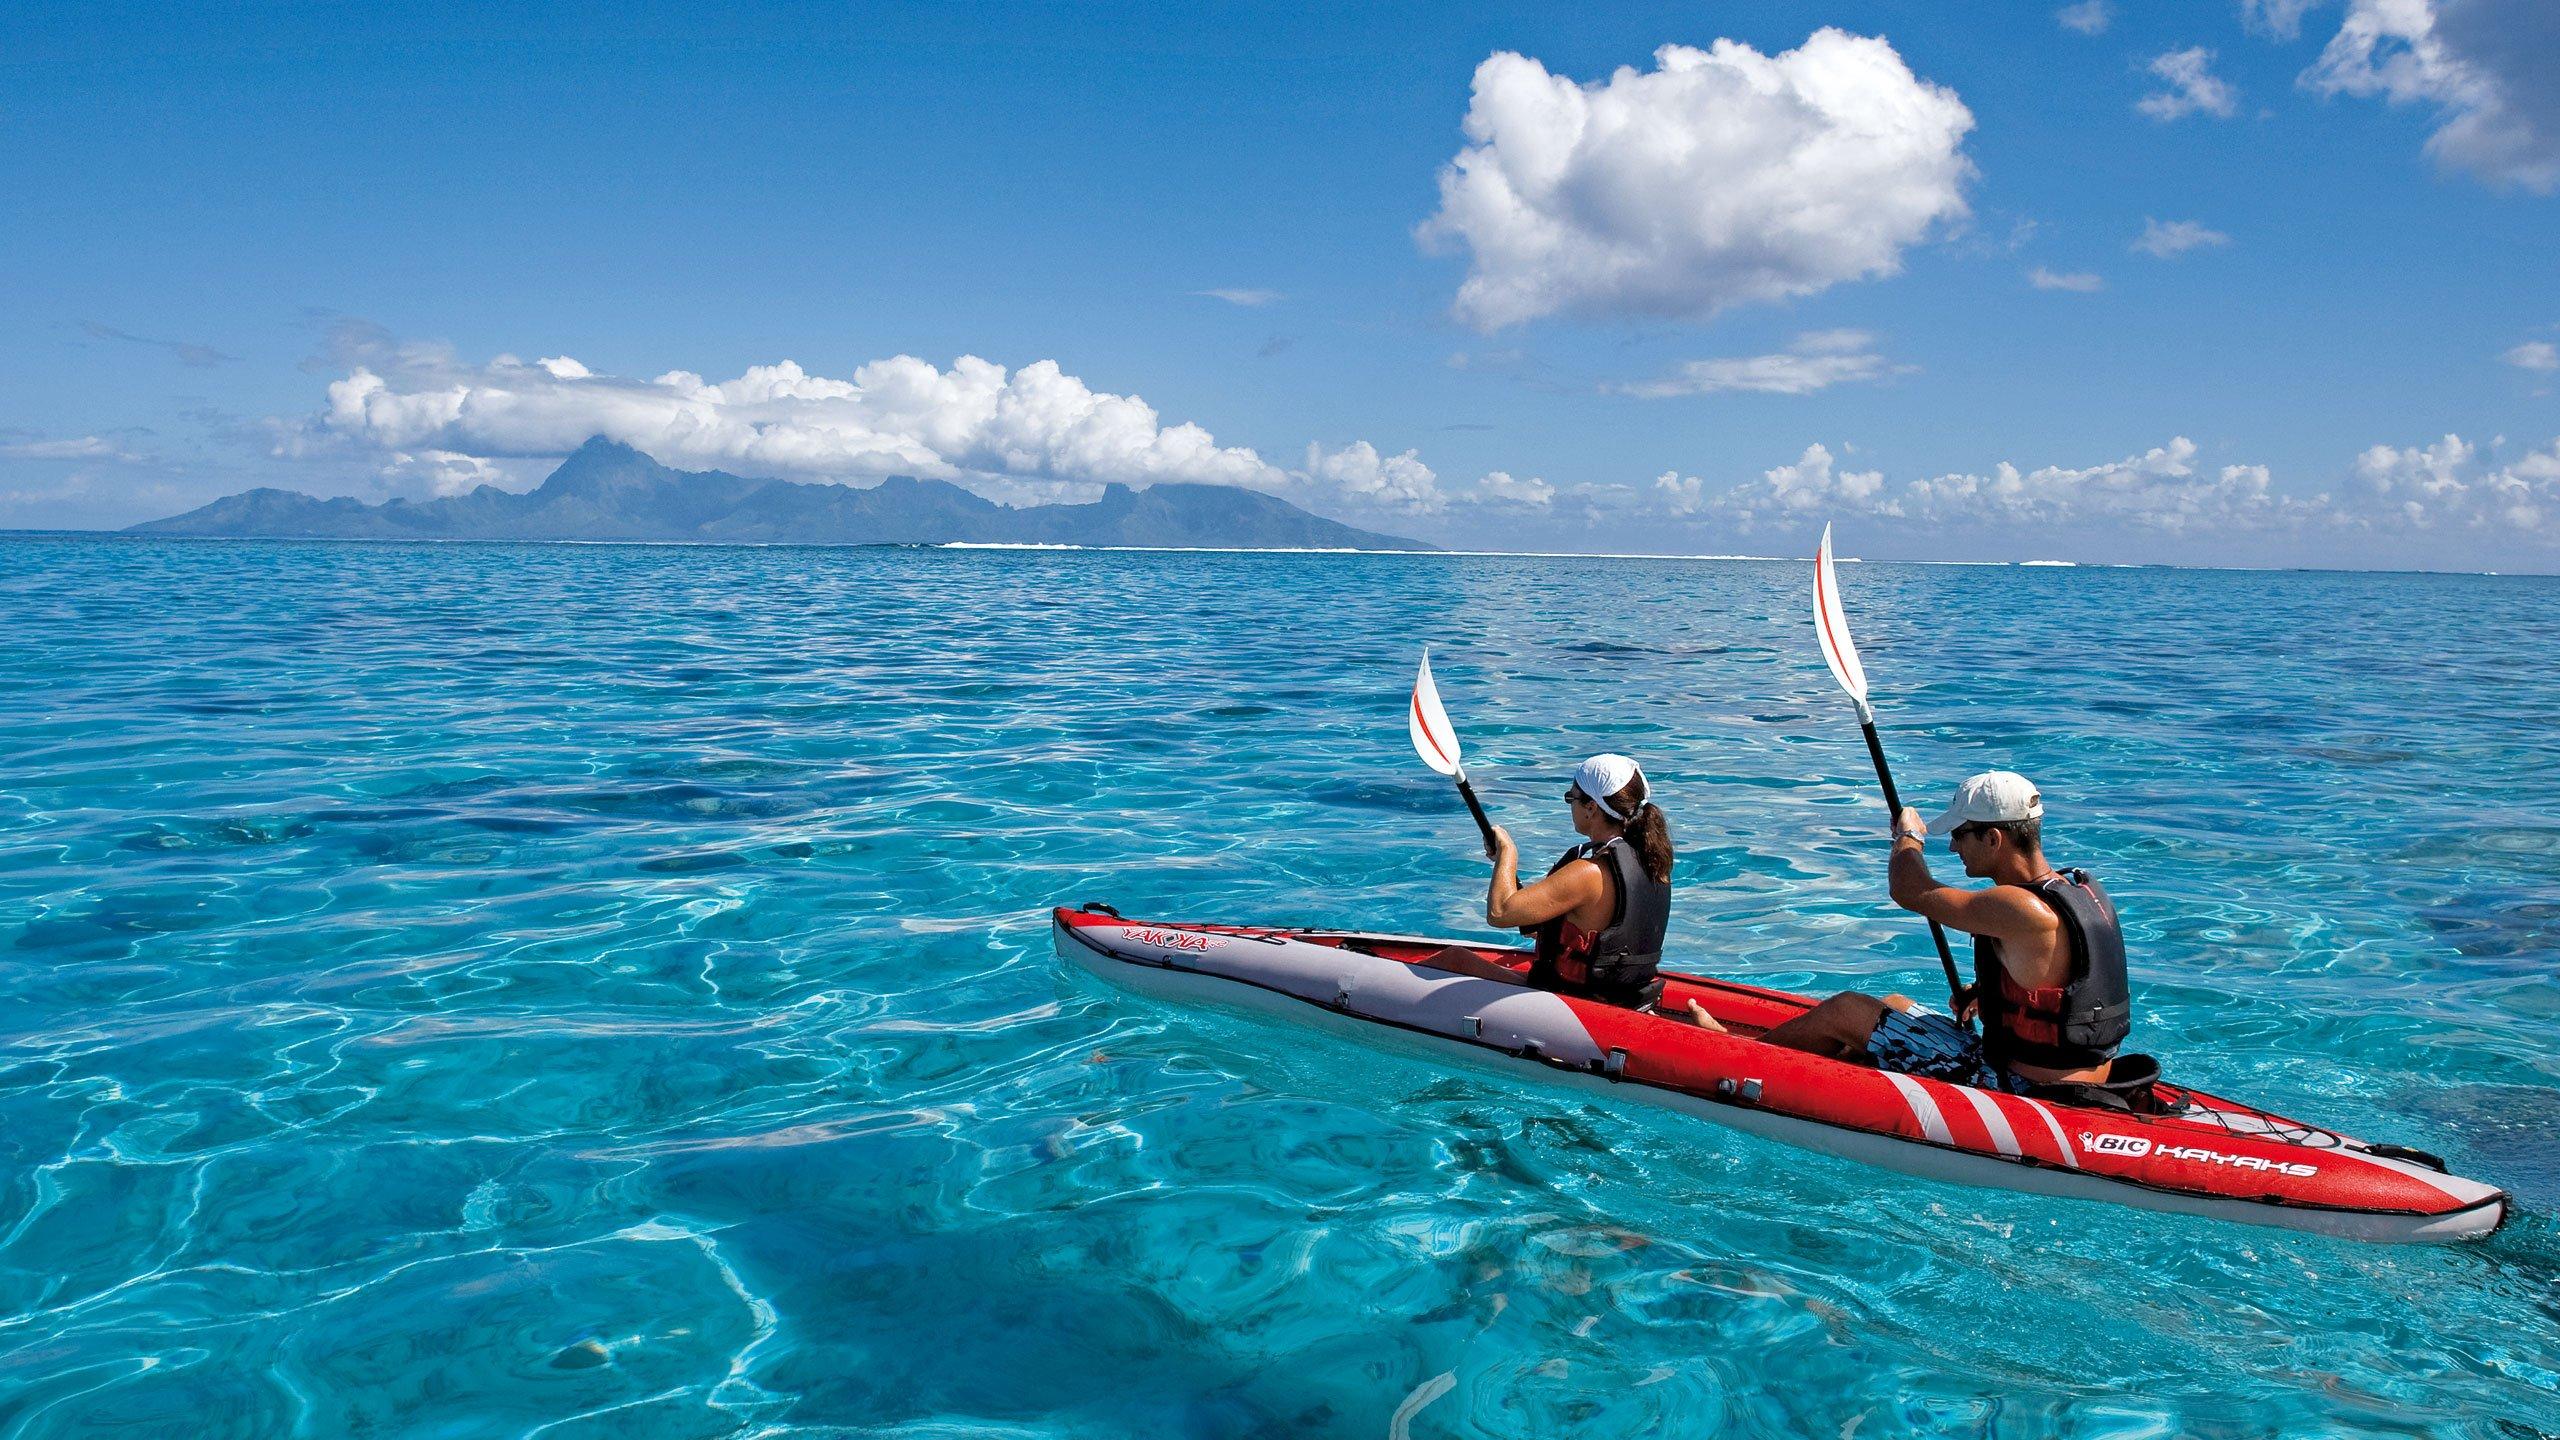 kayaking pairs